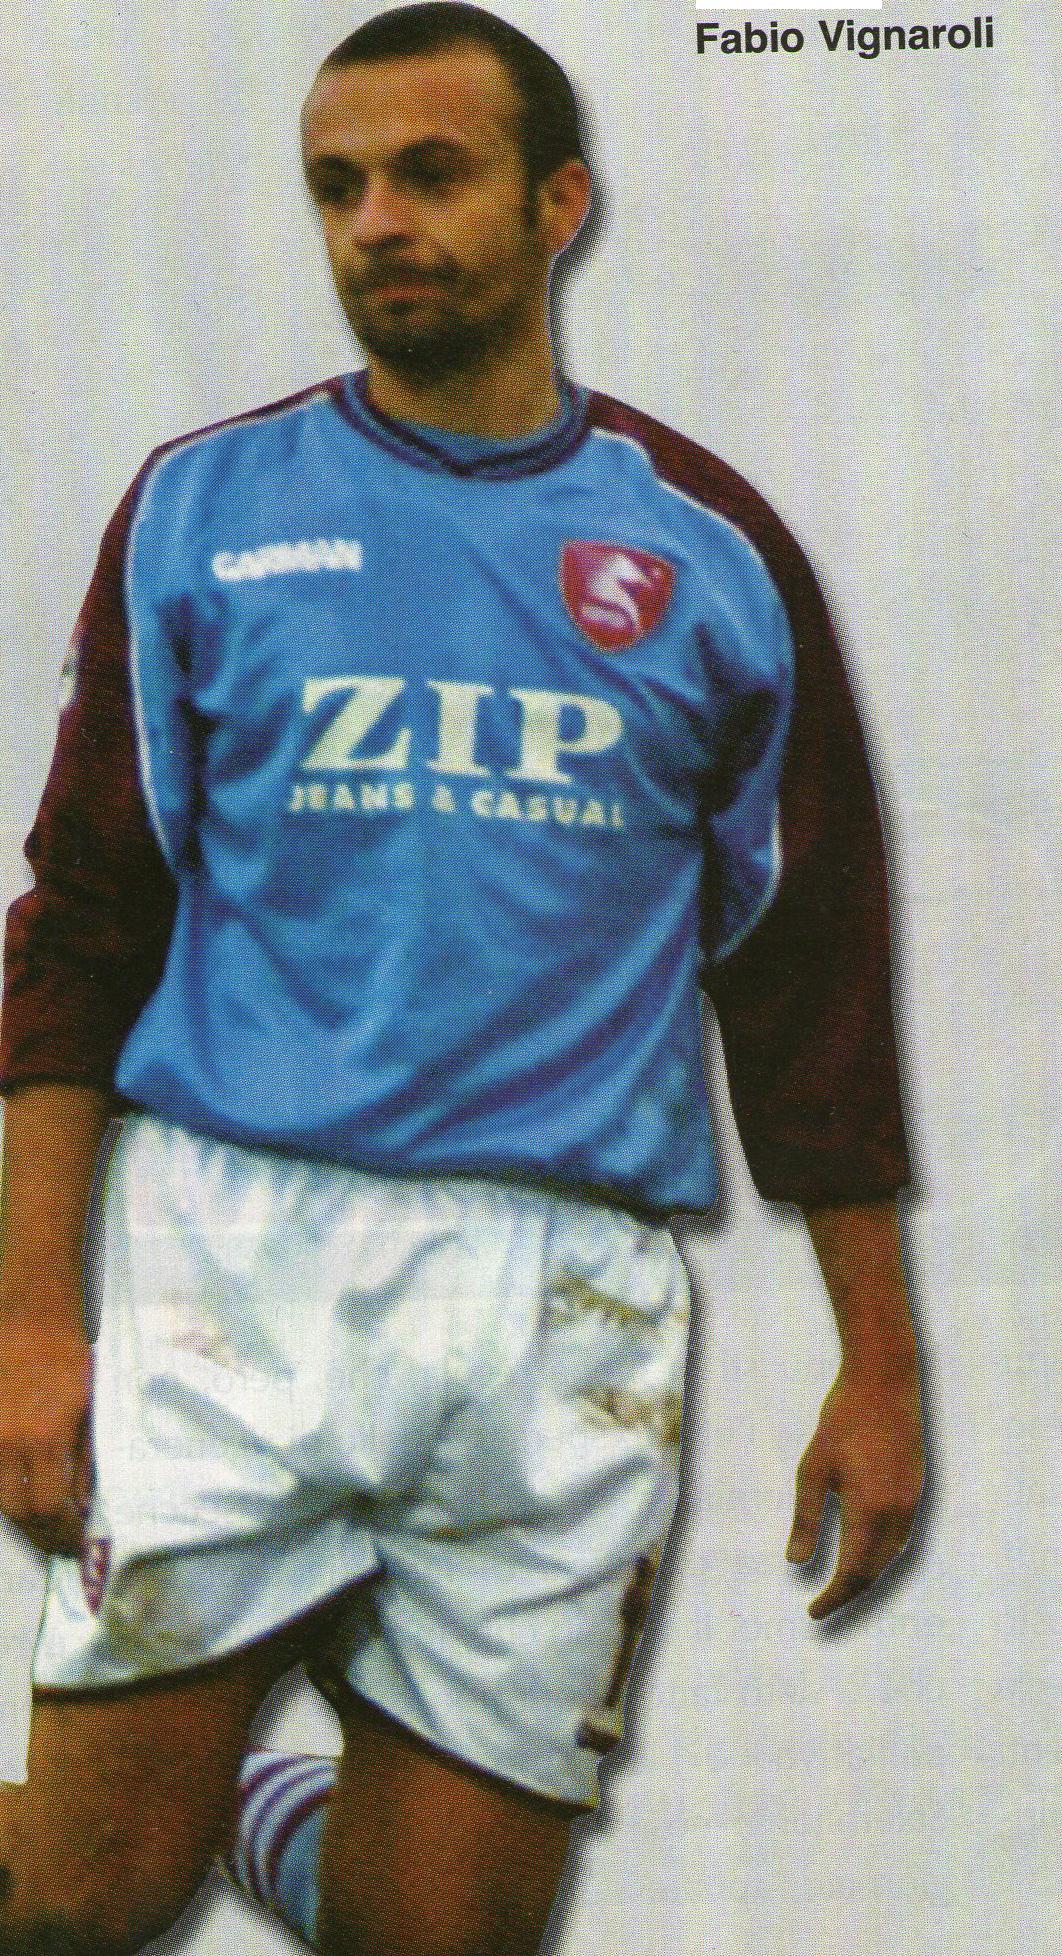 Fabio Vignaroli